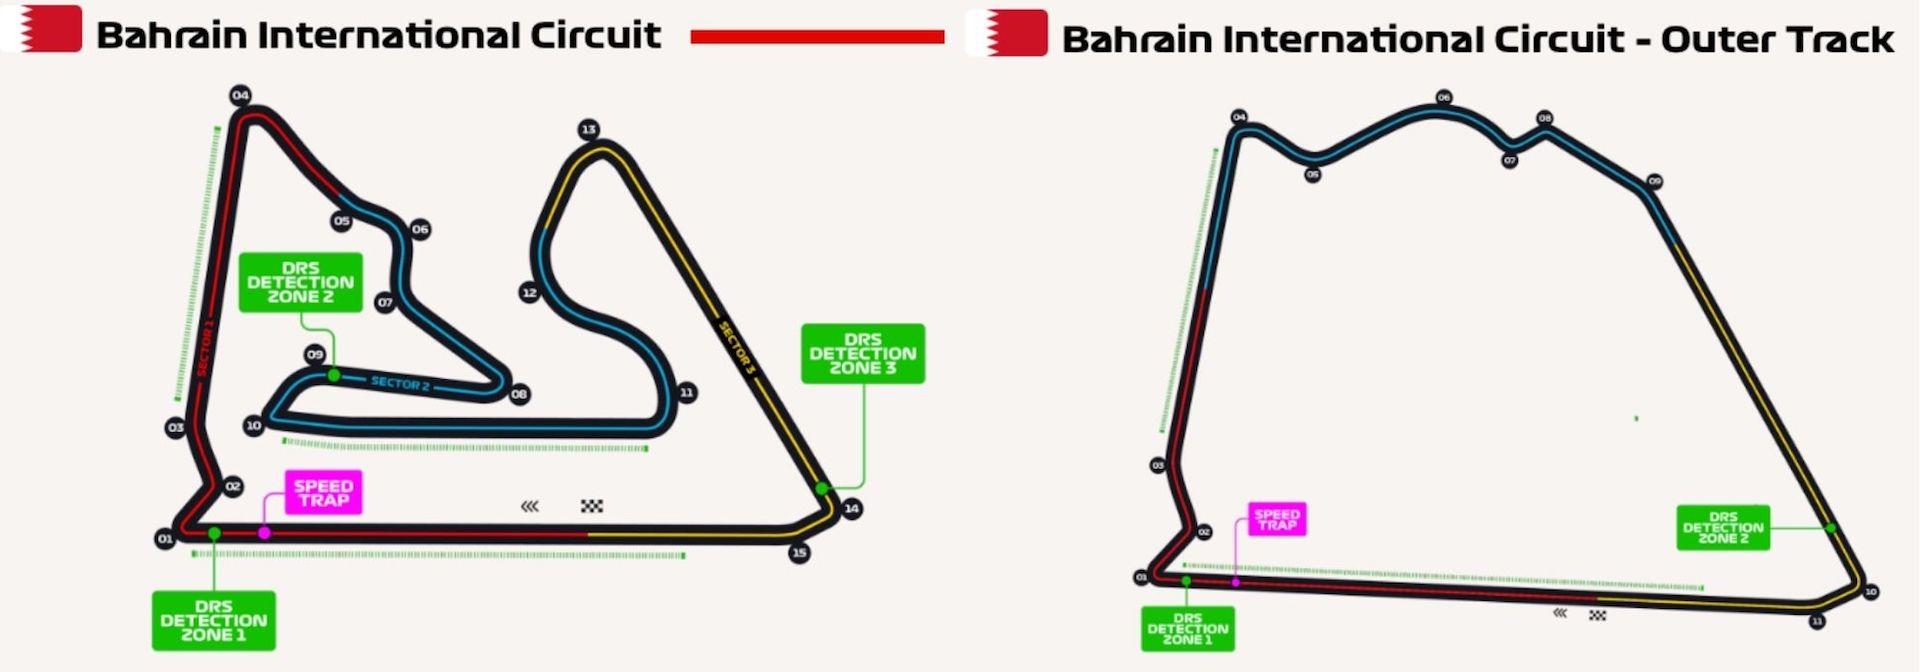 Differenza pista Bahrain e Outer Track